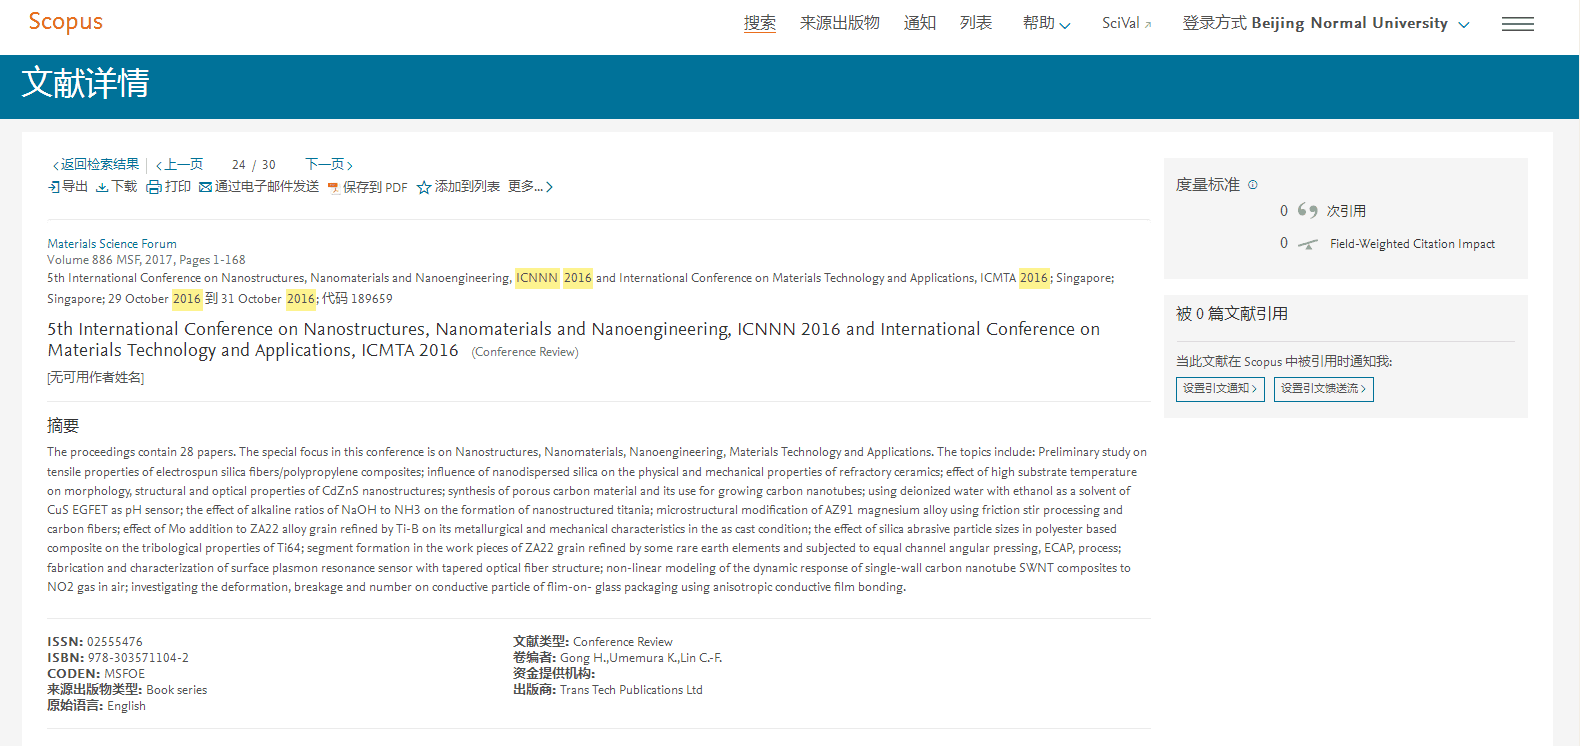 ICNNN2019, Oct 11-14   Kyoto, Japan